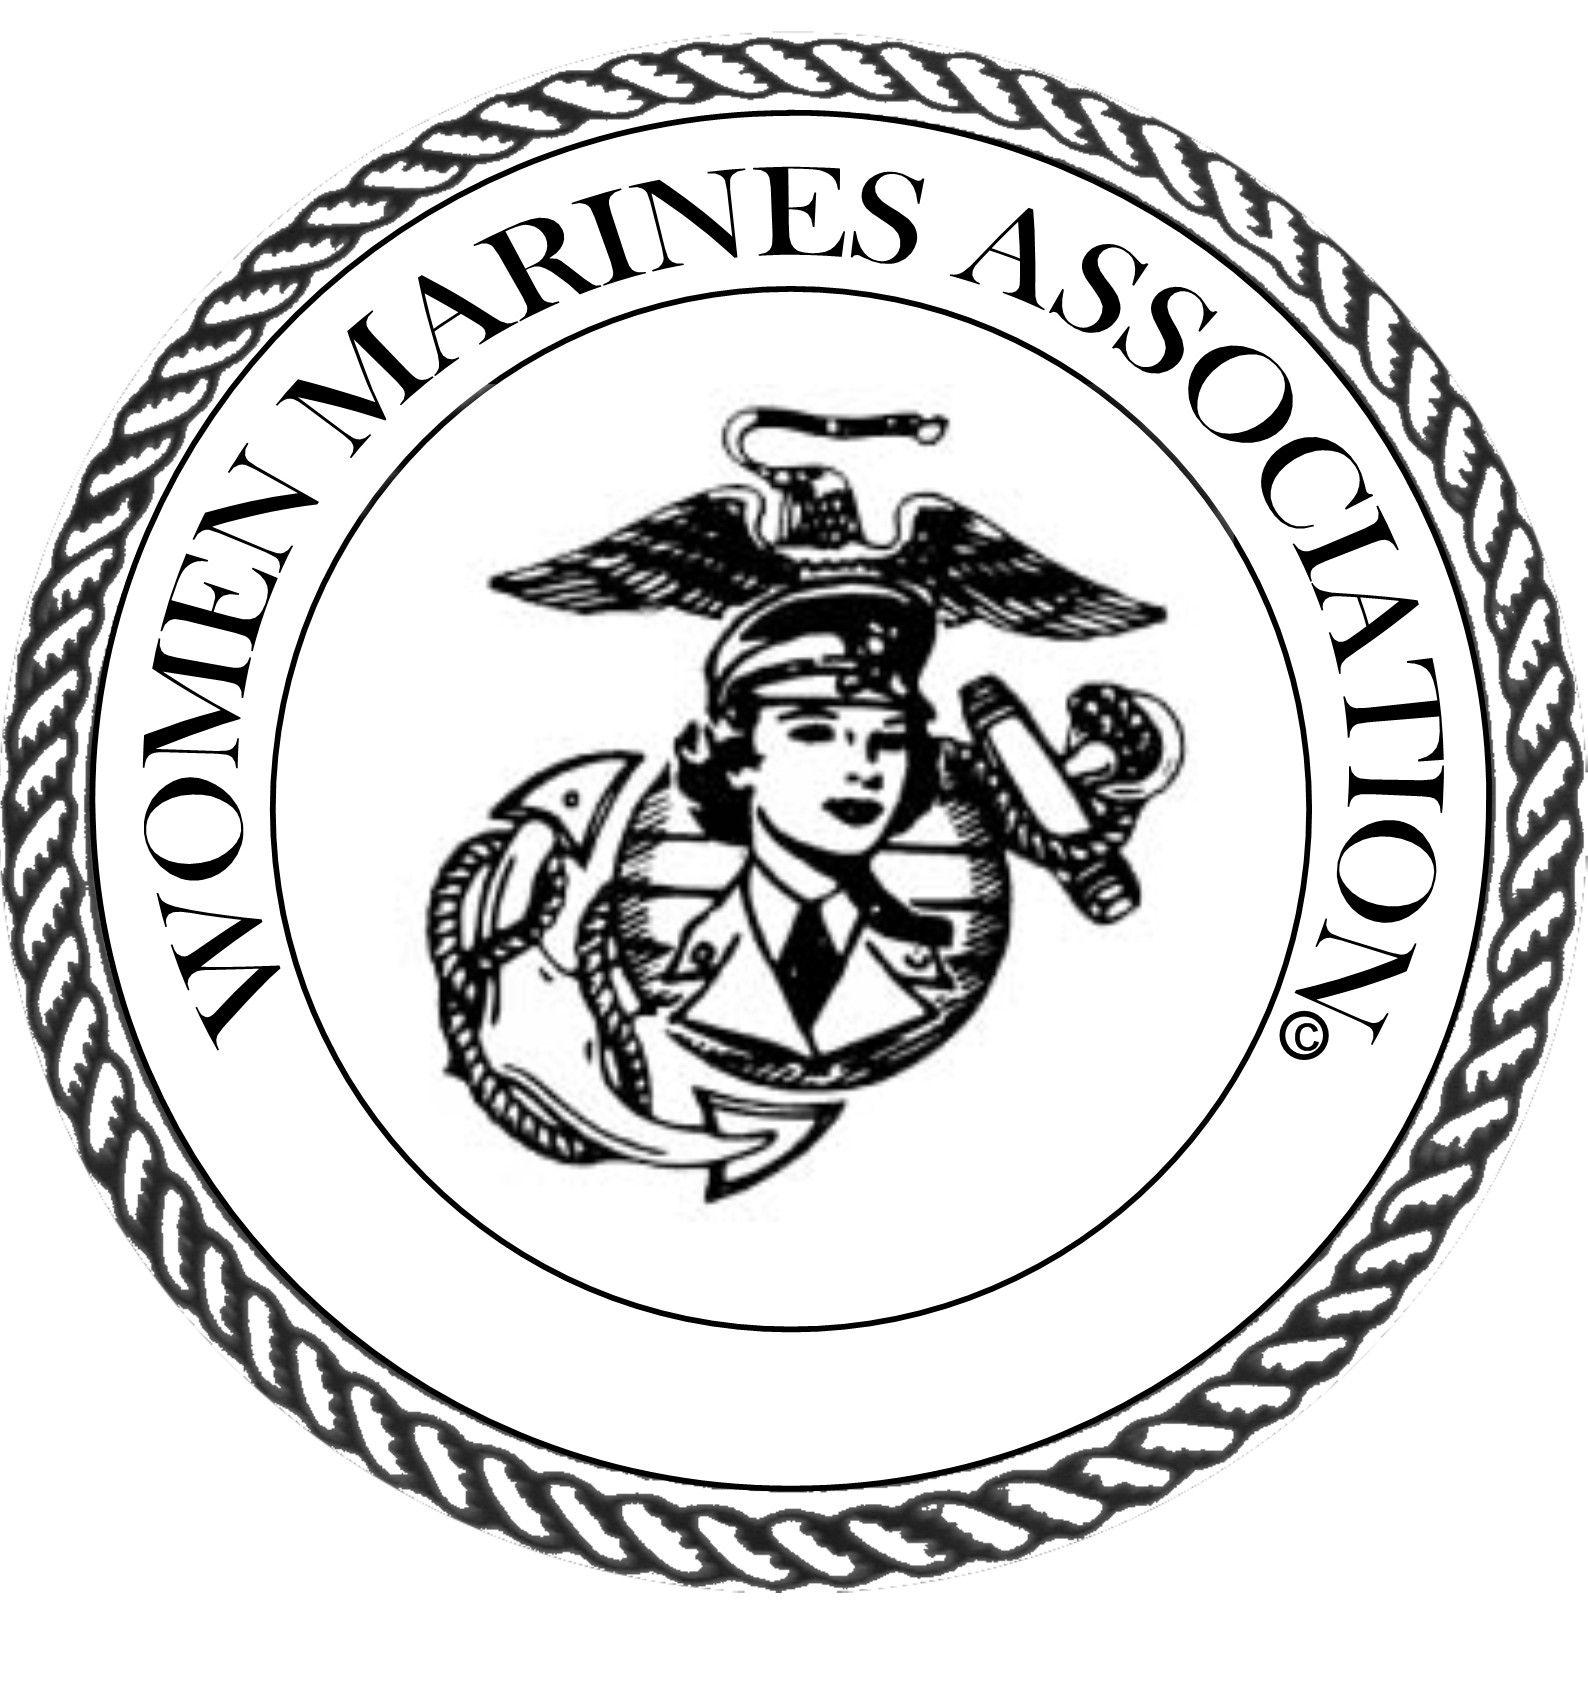 The Women Marines Association Is An Organization Of Women